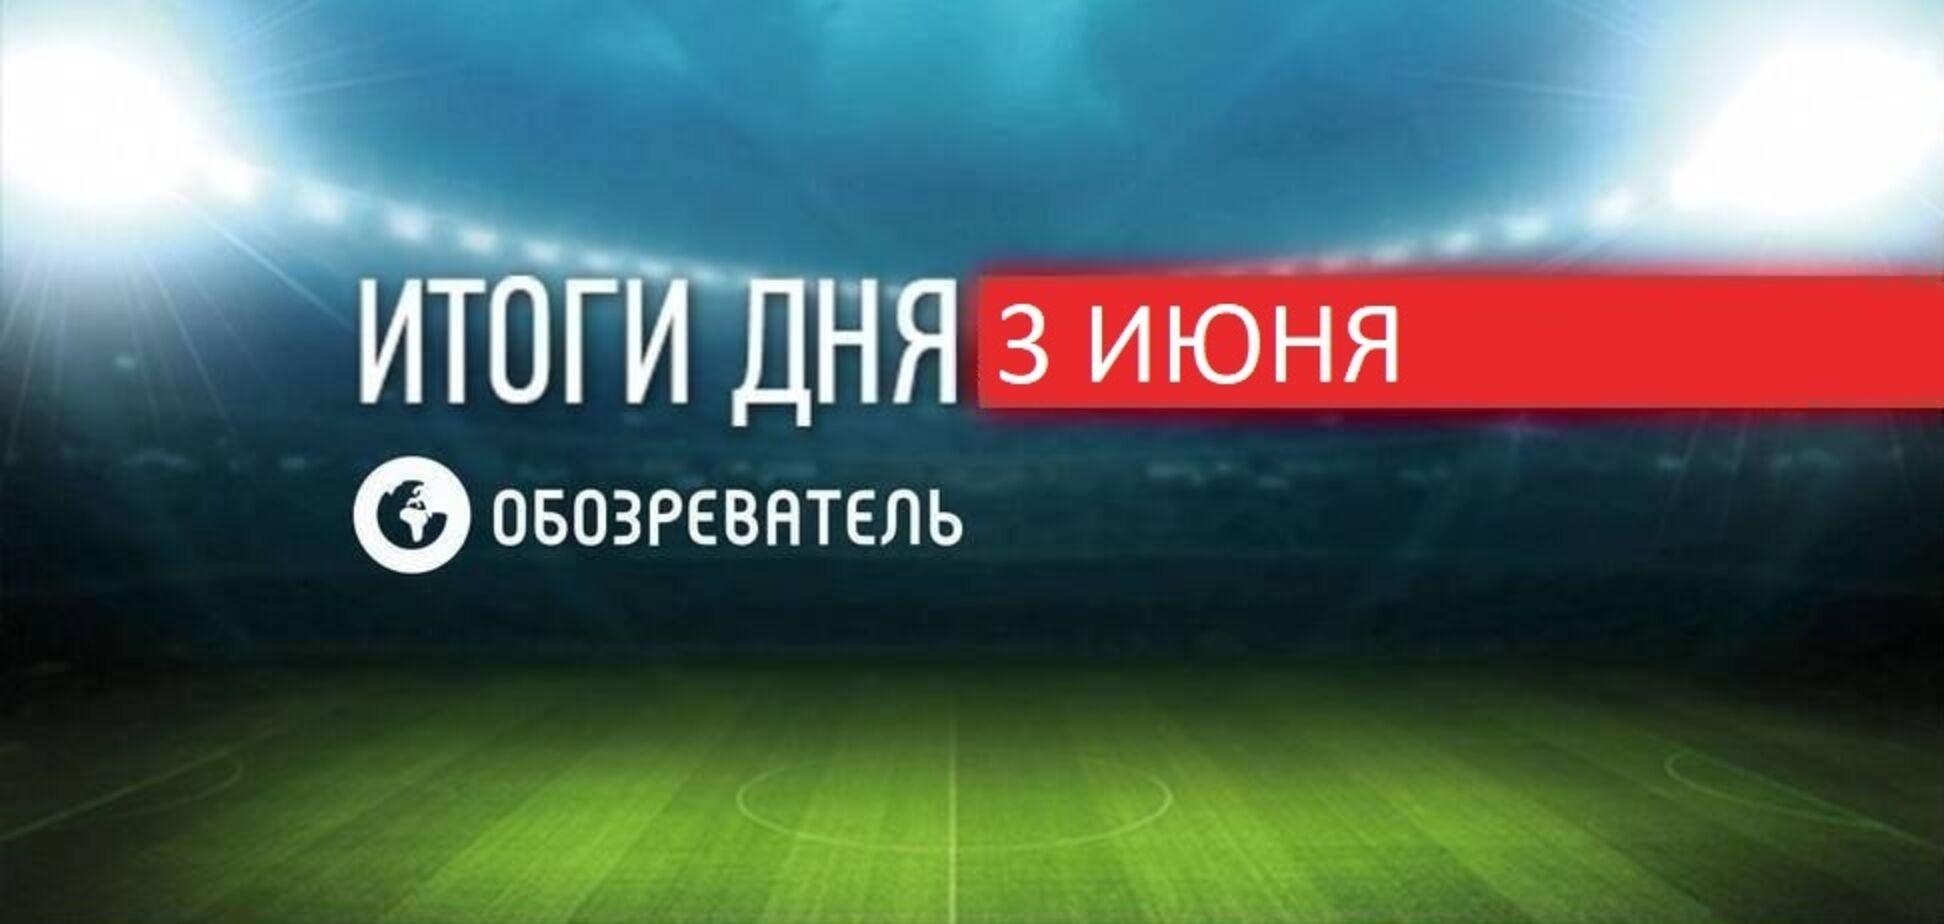 Новини спорту 3 червня: Україна виграла вперше за 8 матчів, Канада вибила Росію з ЧС із хокею